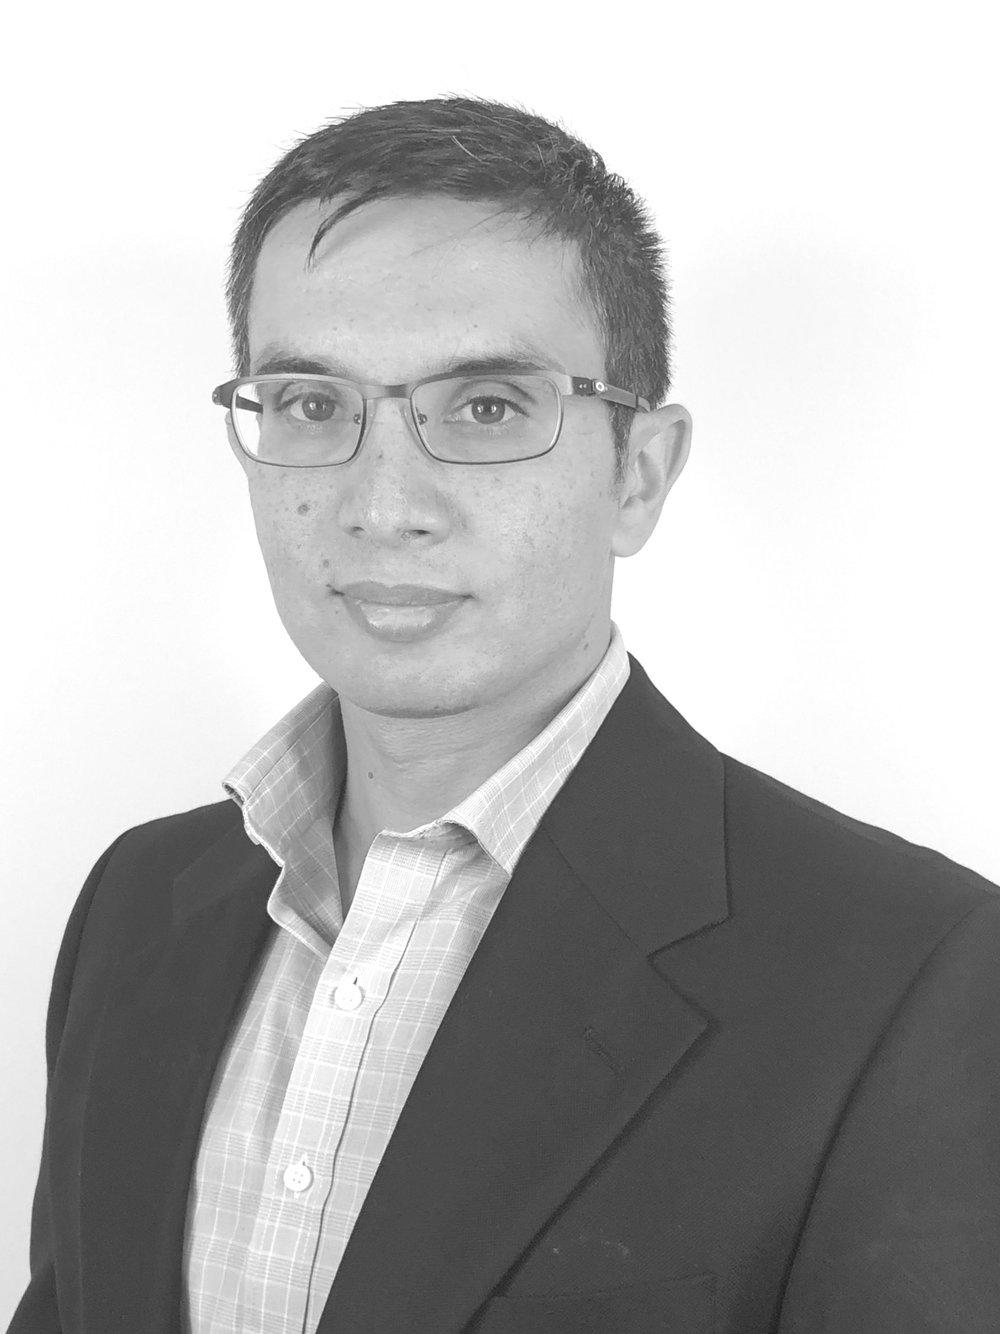 Sameer Parker - Manager